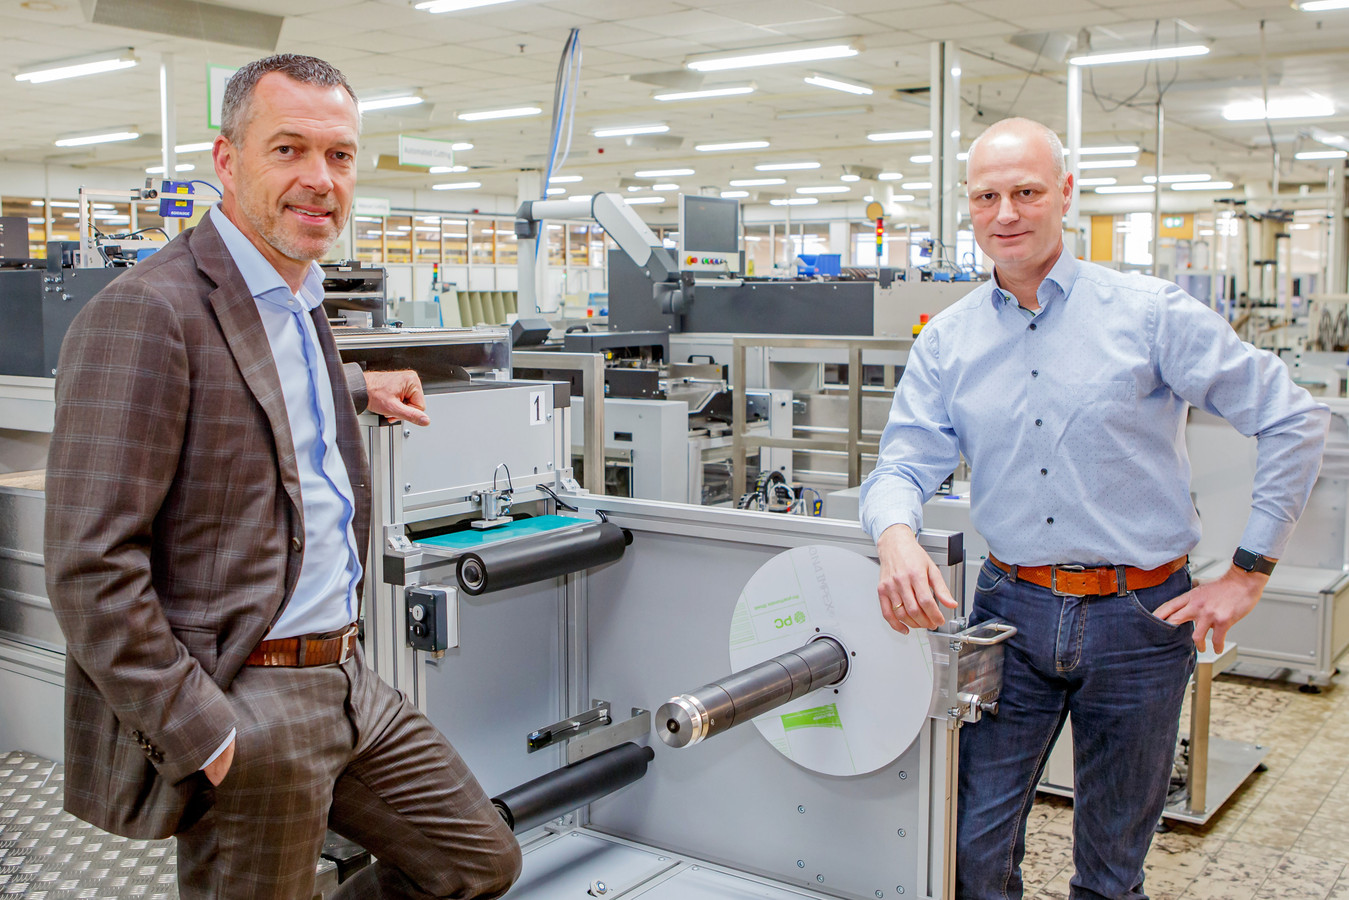 Algemeen directeur Anton Nuijten (links) en Frank Lubbers, manager technologie en innovatie.